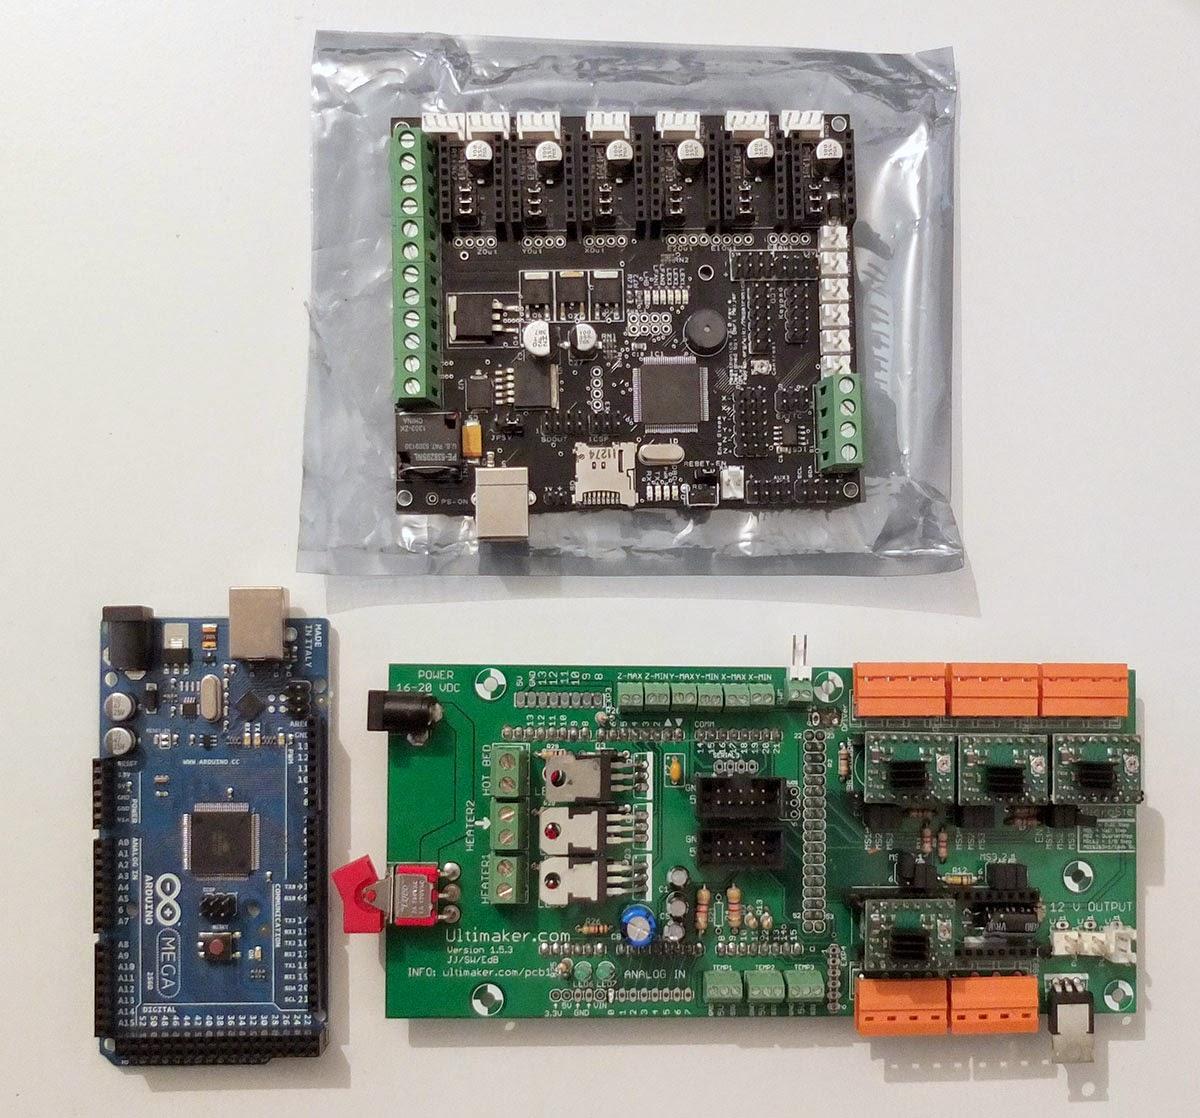 Megatronics V3 0 + UM Tutorial & Review - chopmeister's 3d